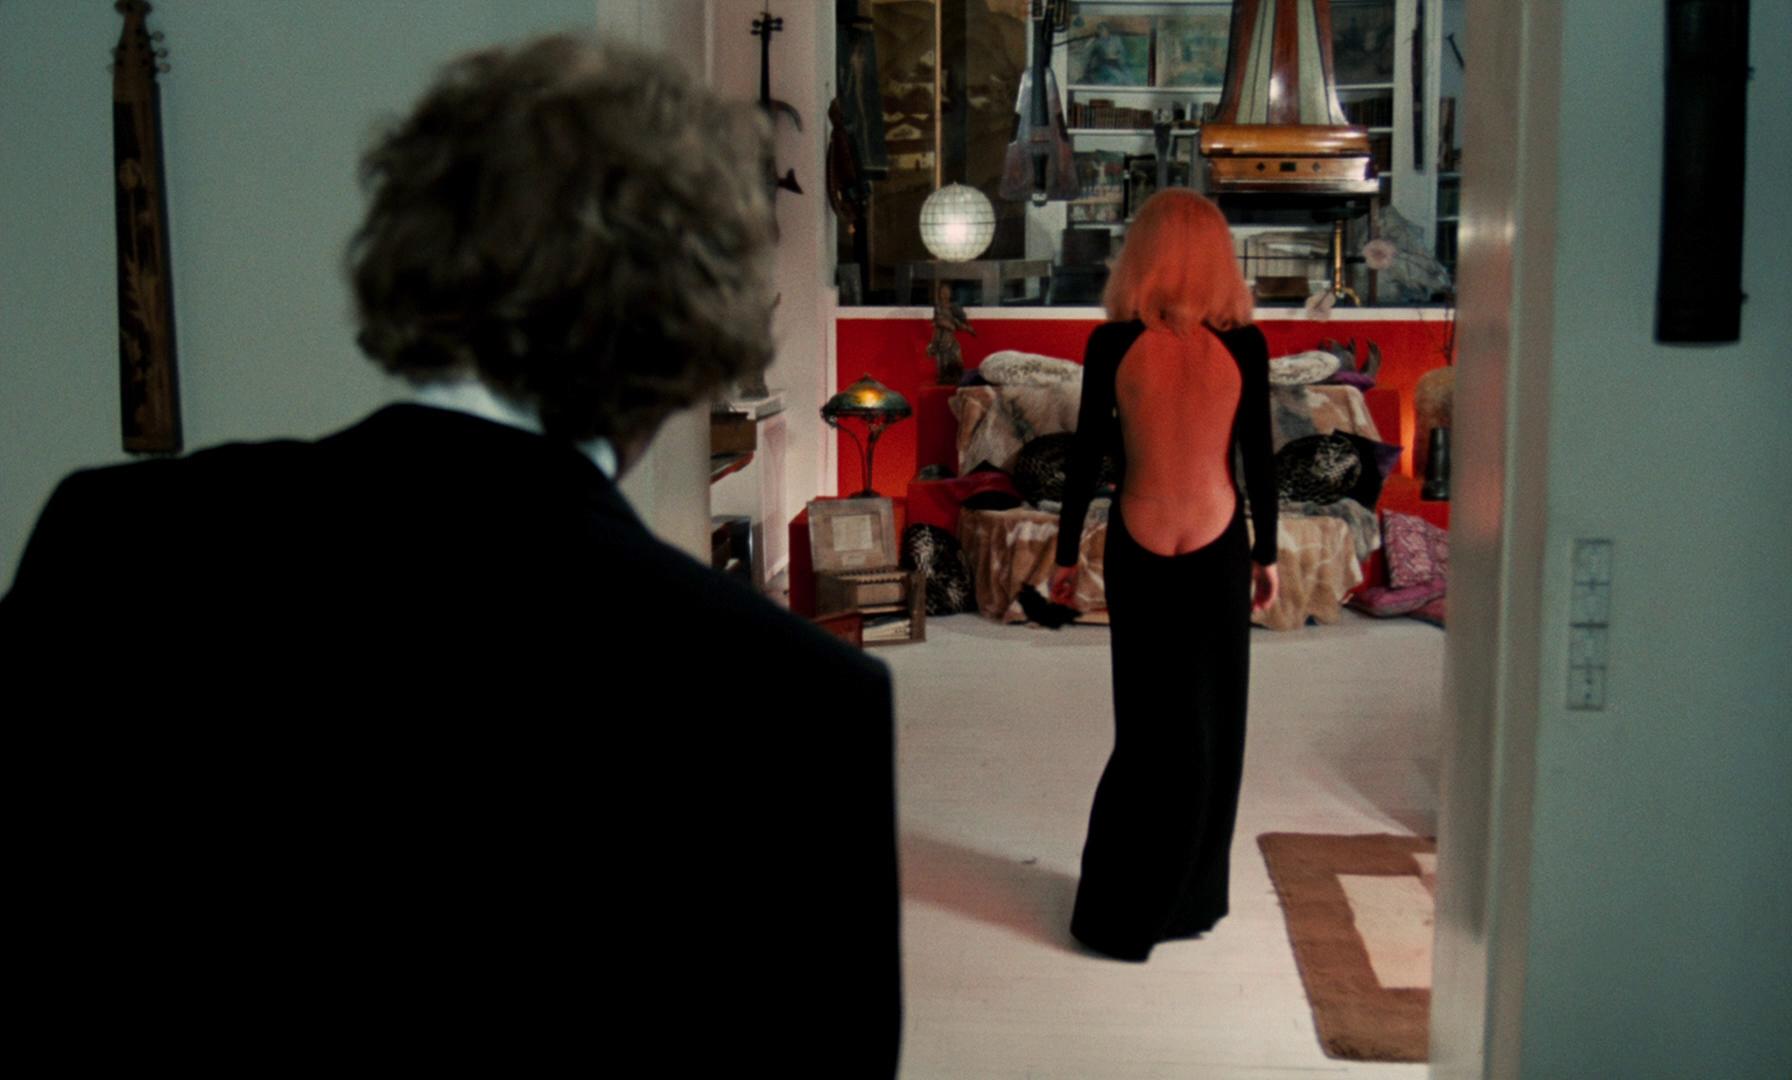 galerie photo - blu-ray - le grand blond avec une chaussure noire - gaumont